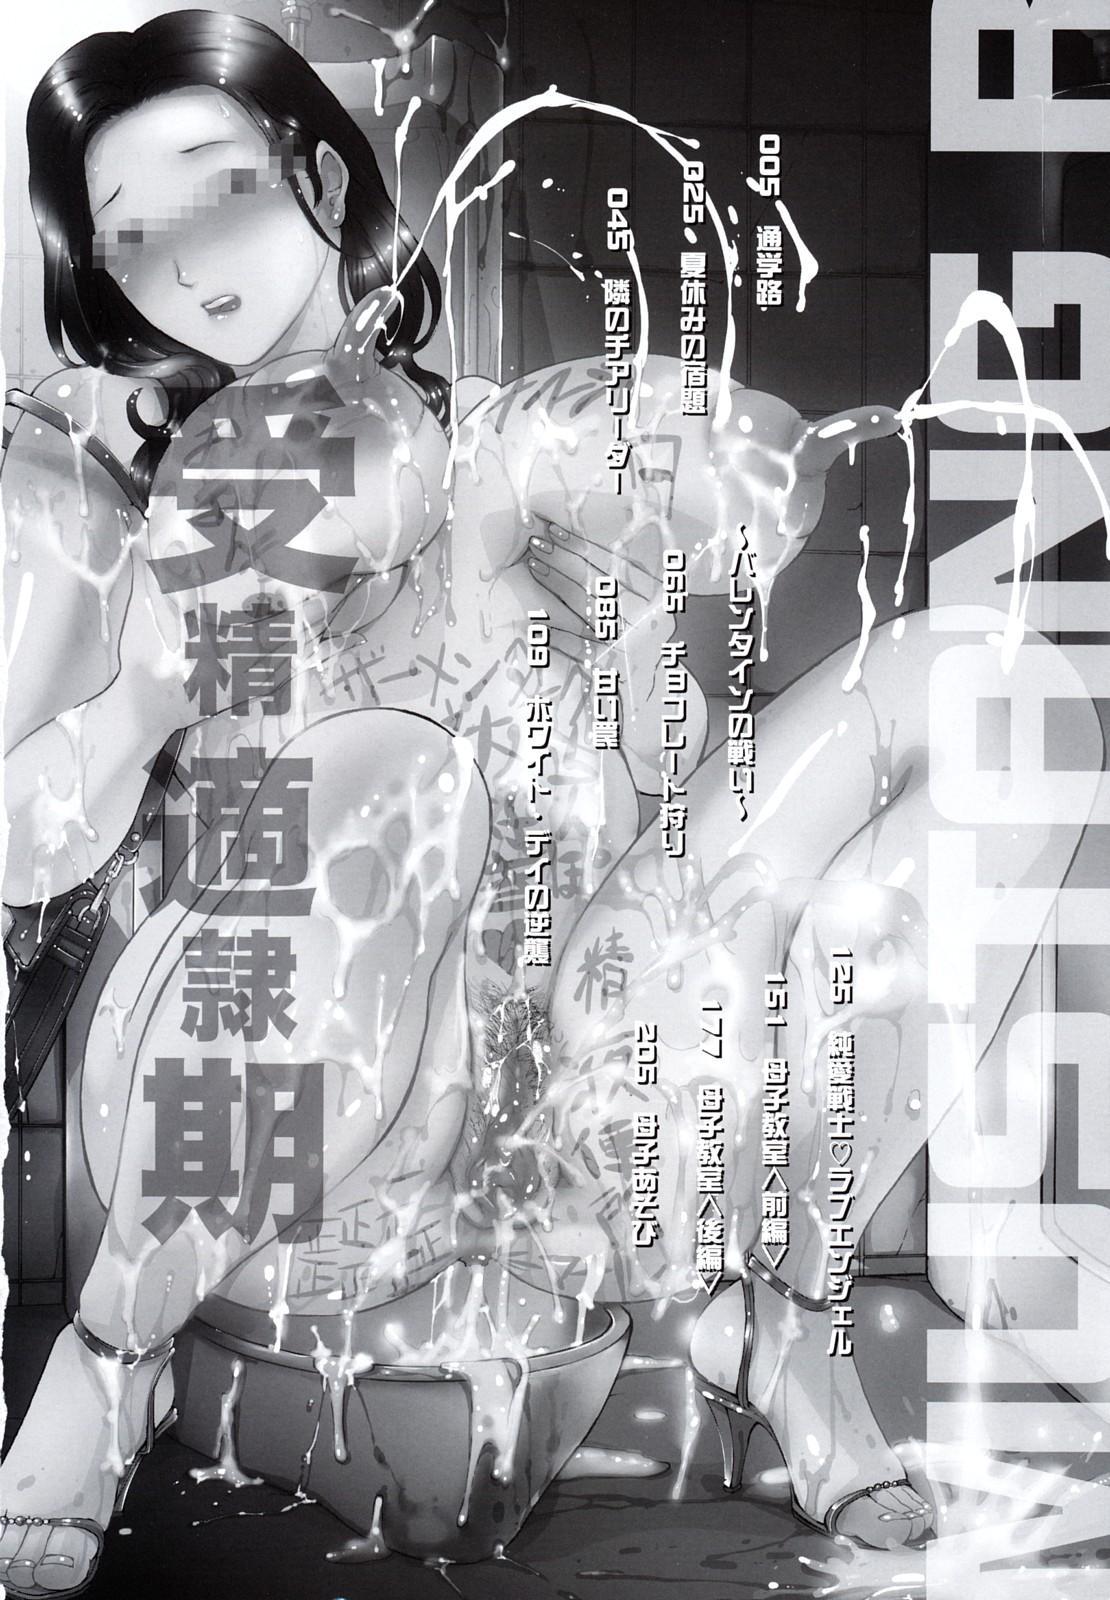 Jusei Tekireiki - Age Suitable For Fertilization 4